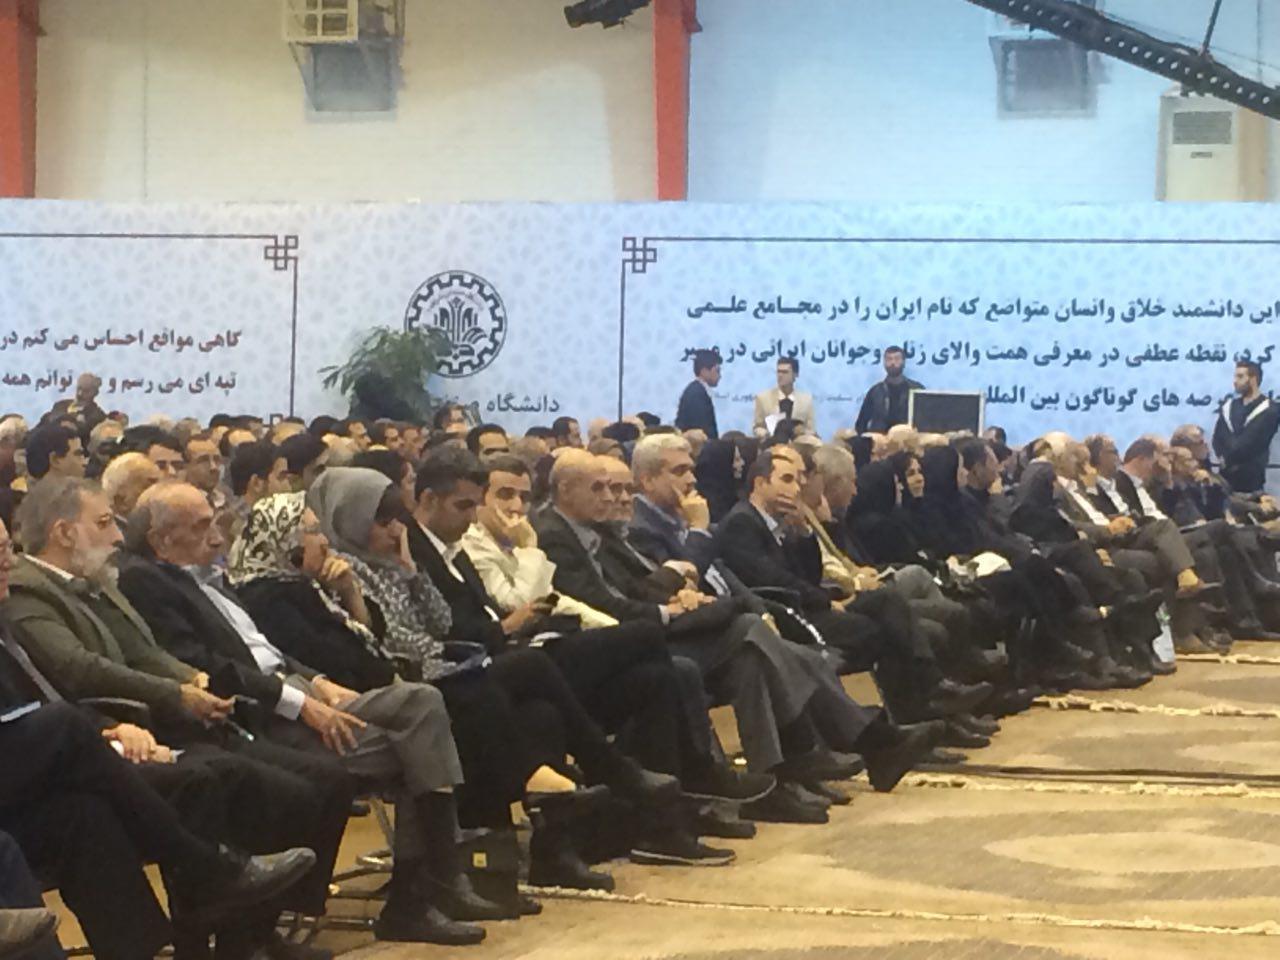 عادل فردوسی پور در مراسم بزرگداشت پروفسور مریم میرزاخانی+عکس